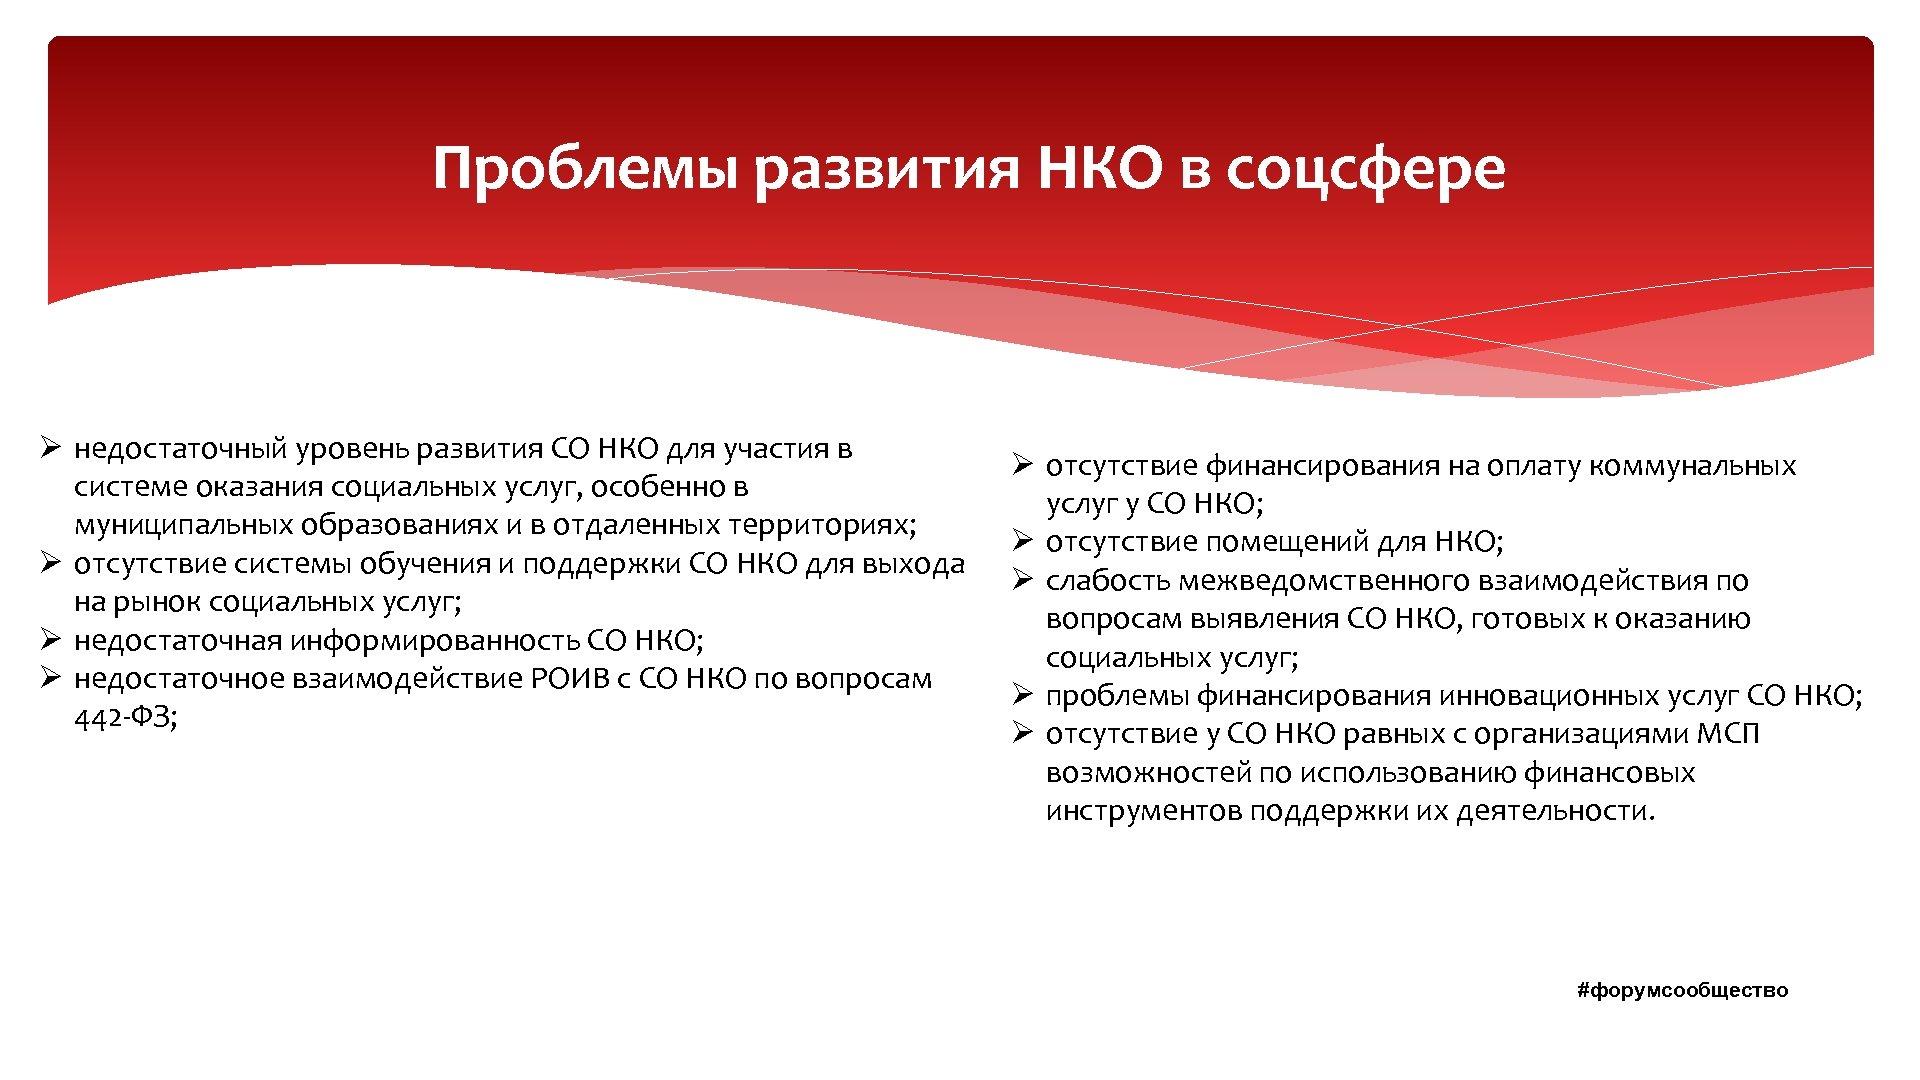 Проблемы развития НКО в соцсфере Ø недостаточный уровень развития СО НКО для участия в